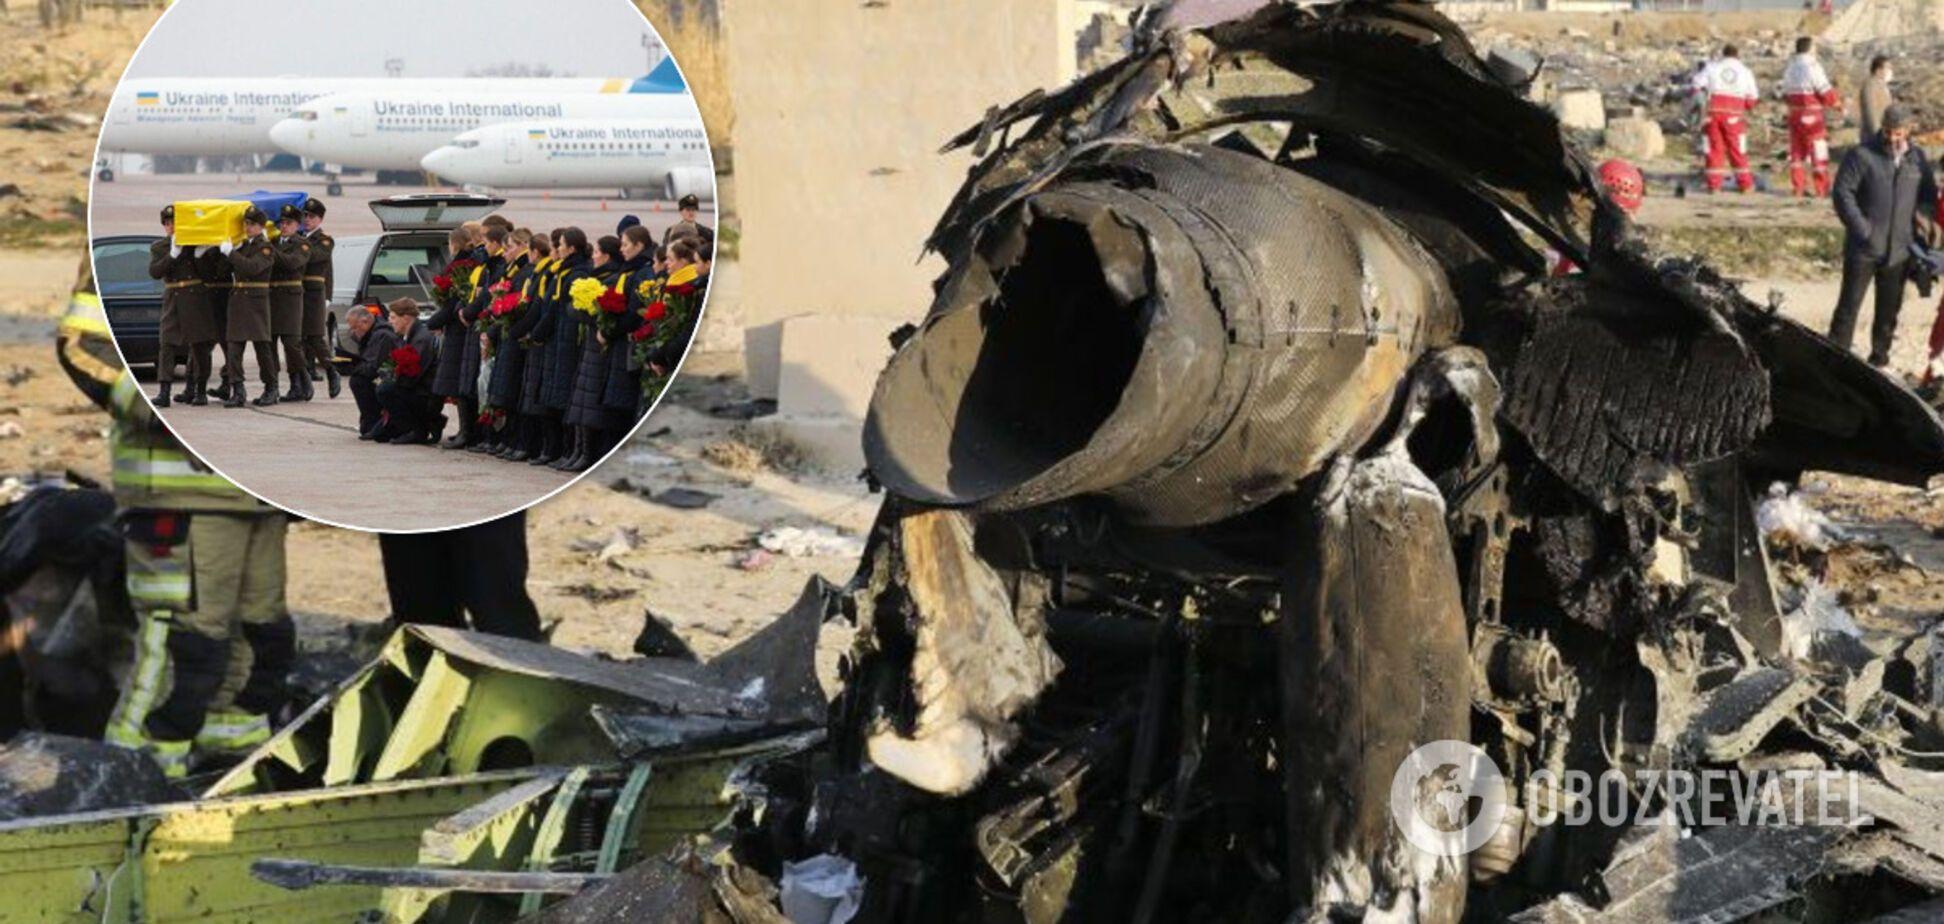 Иран заявил о готовности выплатить компенсацию за катастрофу самолета МАУ